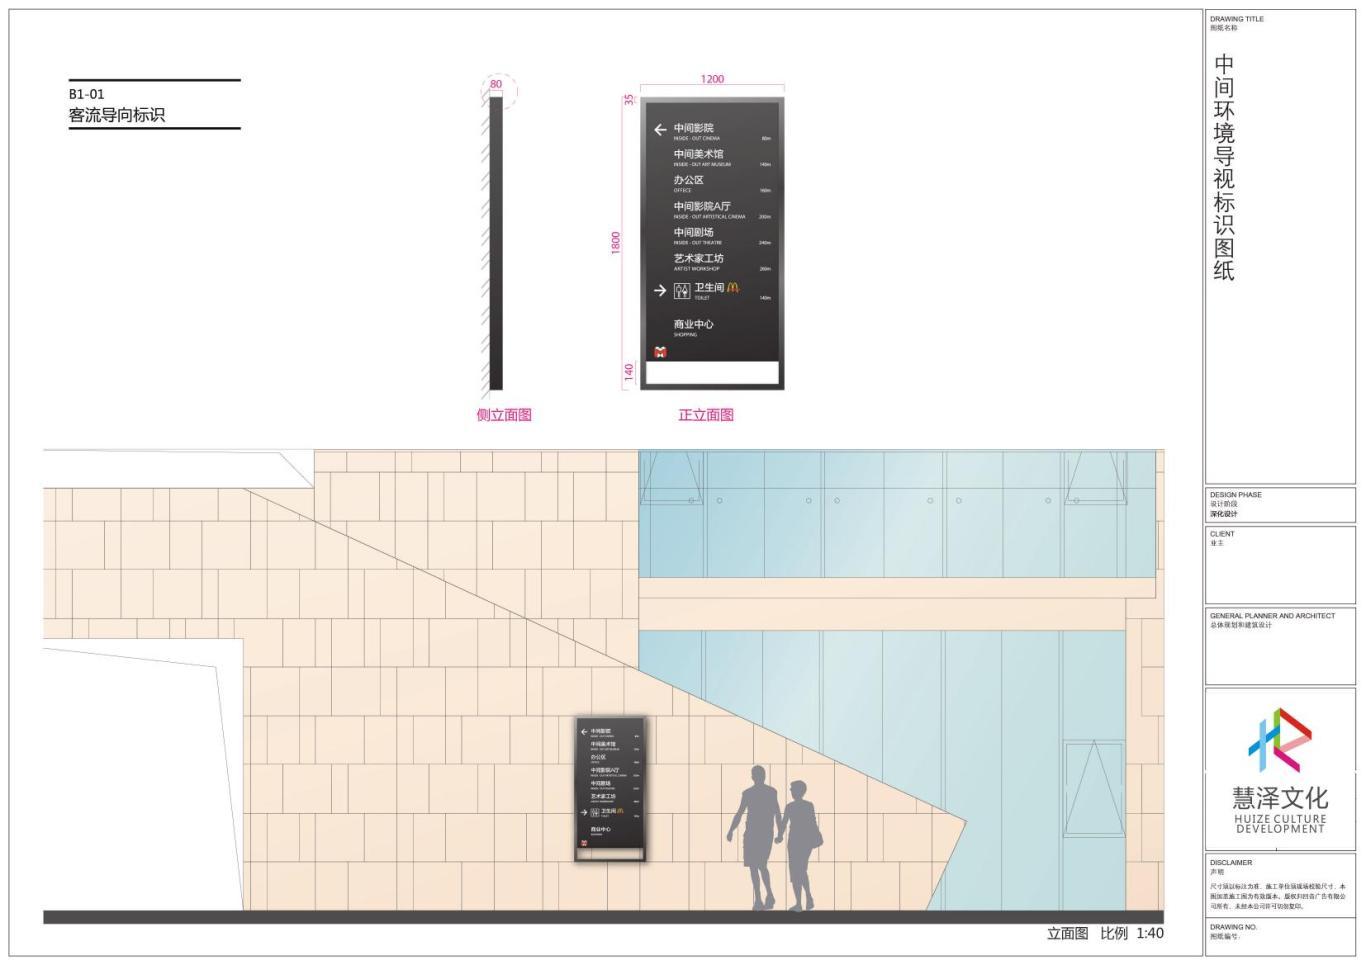 中间坊-商业导视系统深化设计图5